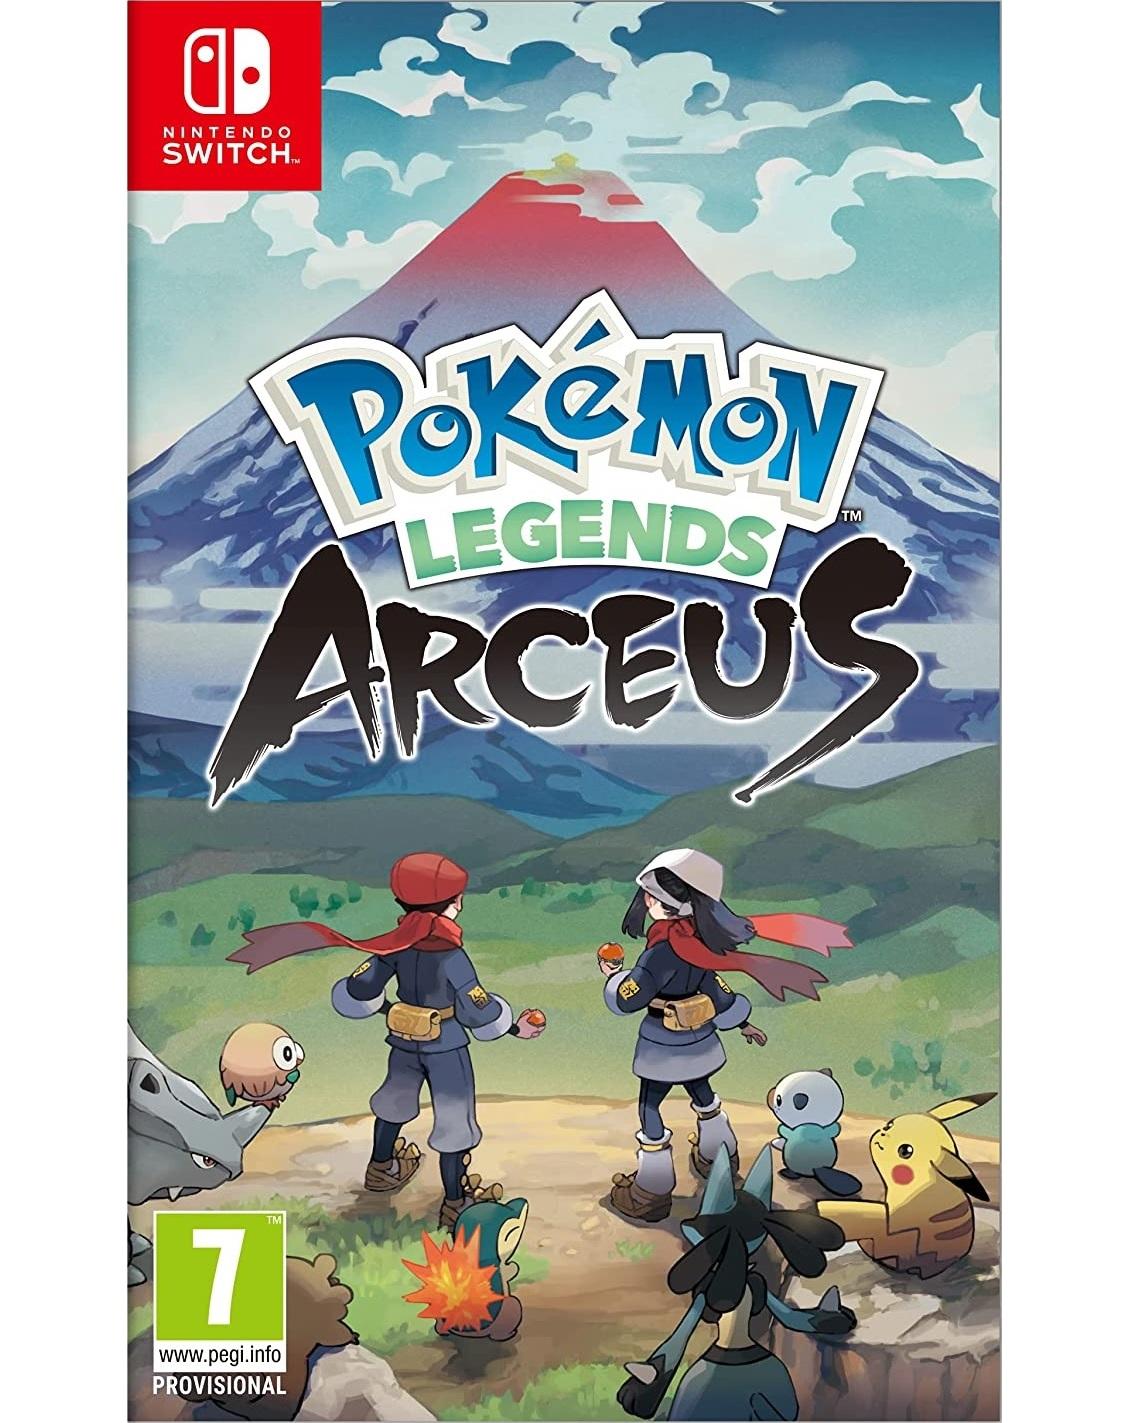 Pokemon Legends Arceus - Switch